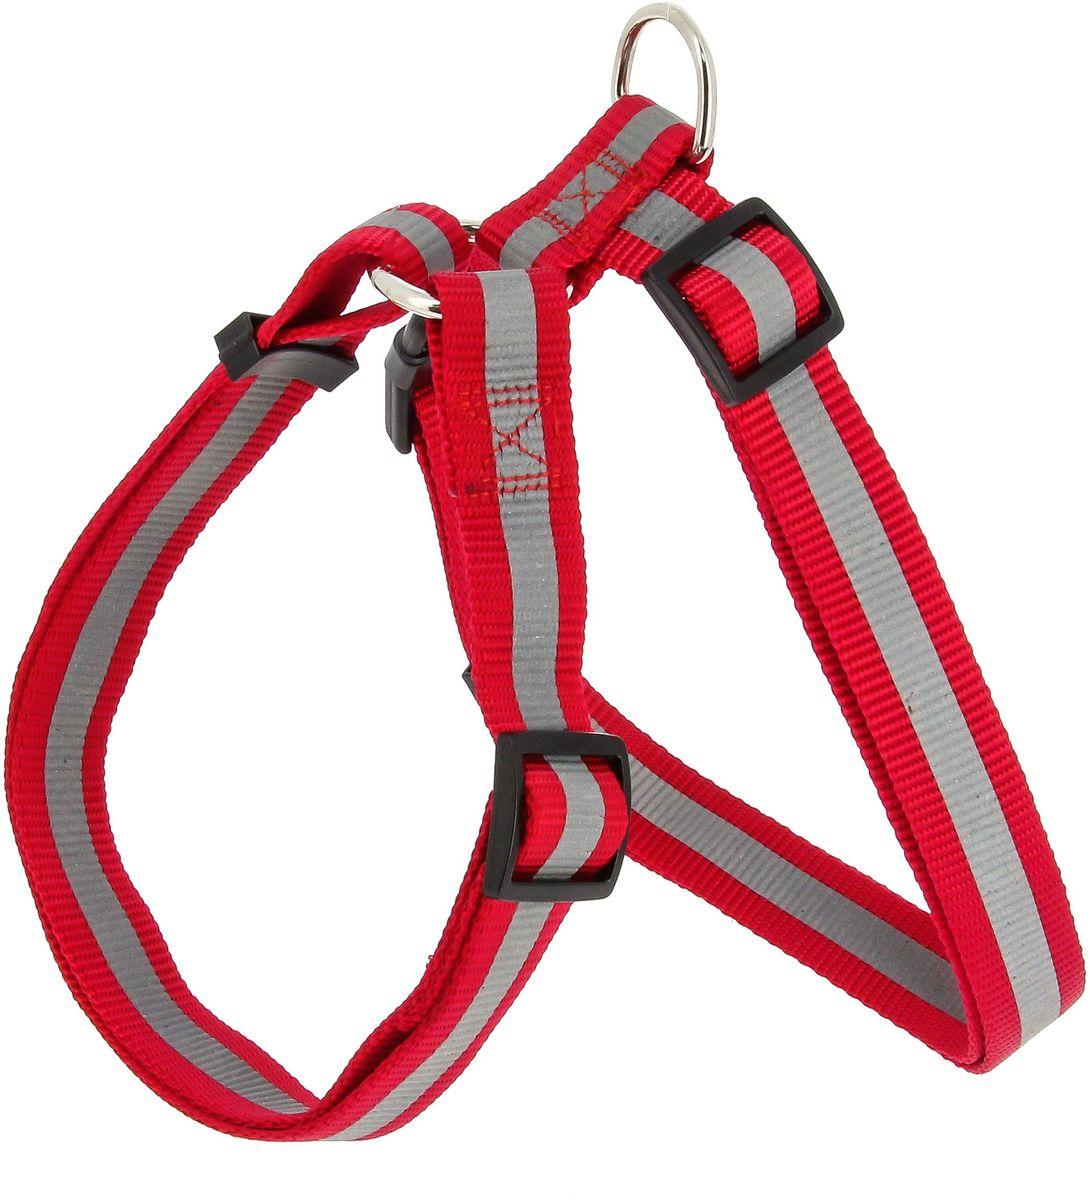 Шлейка для собак Каскад, со светоотражателем, цвет: красный, ширина 10 мм, обхват груди 20-30 смJB-2003_малиновыйШлейка, изготовленная из прочного нейлона, подходит для собак. Крепкие металлические элементы делают ее надежной и долговечной. Шлейка - это альтернатива ошейнику. Правильно подобранная шлейка не стесняет движения питомца, не натирает кожу, поэтому животное чувствует себя в ней уверенно и комфортно. Размер регулируется при помощи пряжки.Обхват груди: 20-30 см. Ширина шлейки: 1 см.